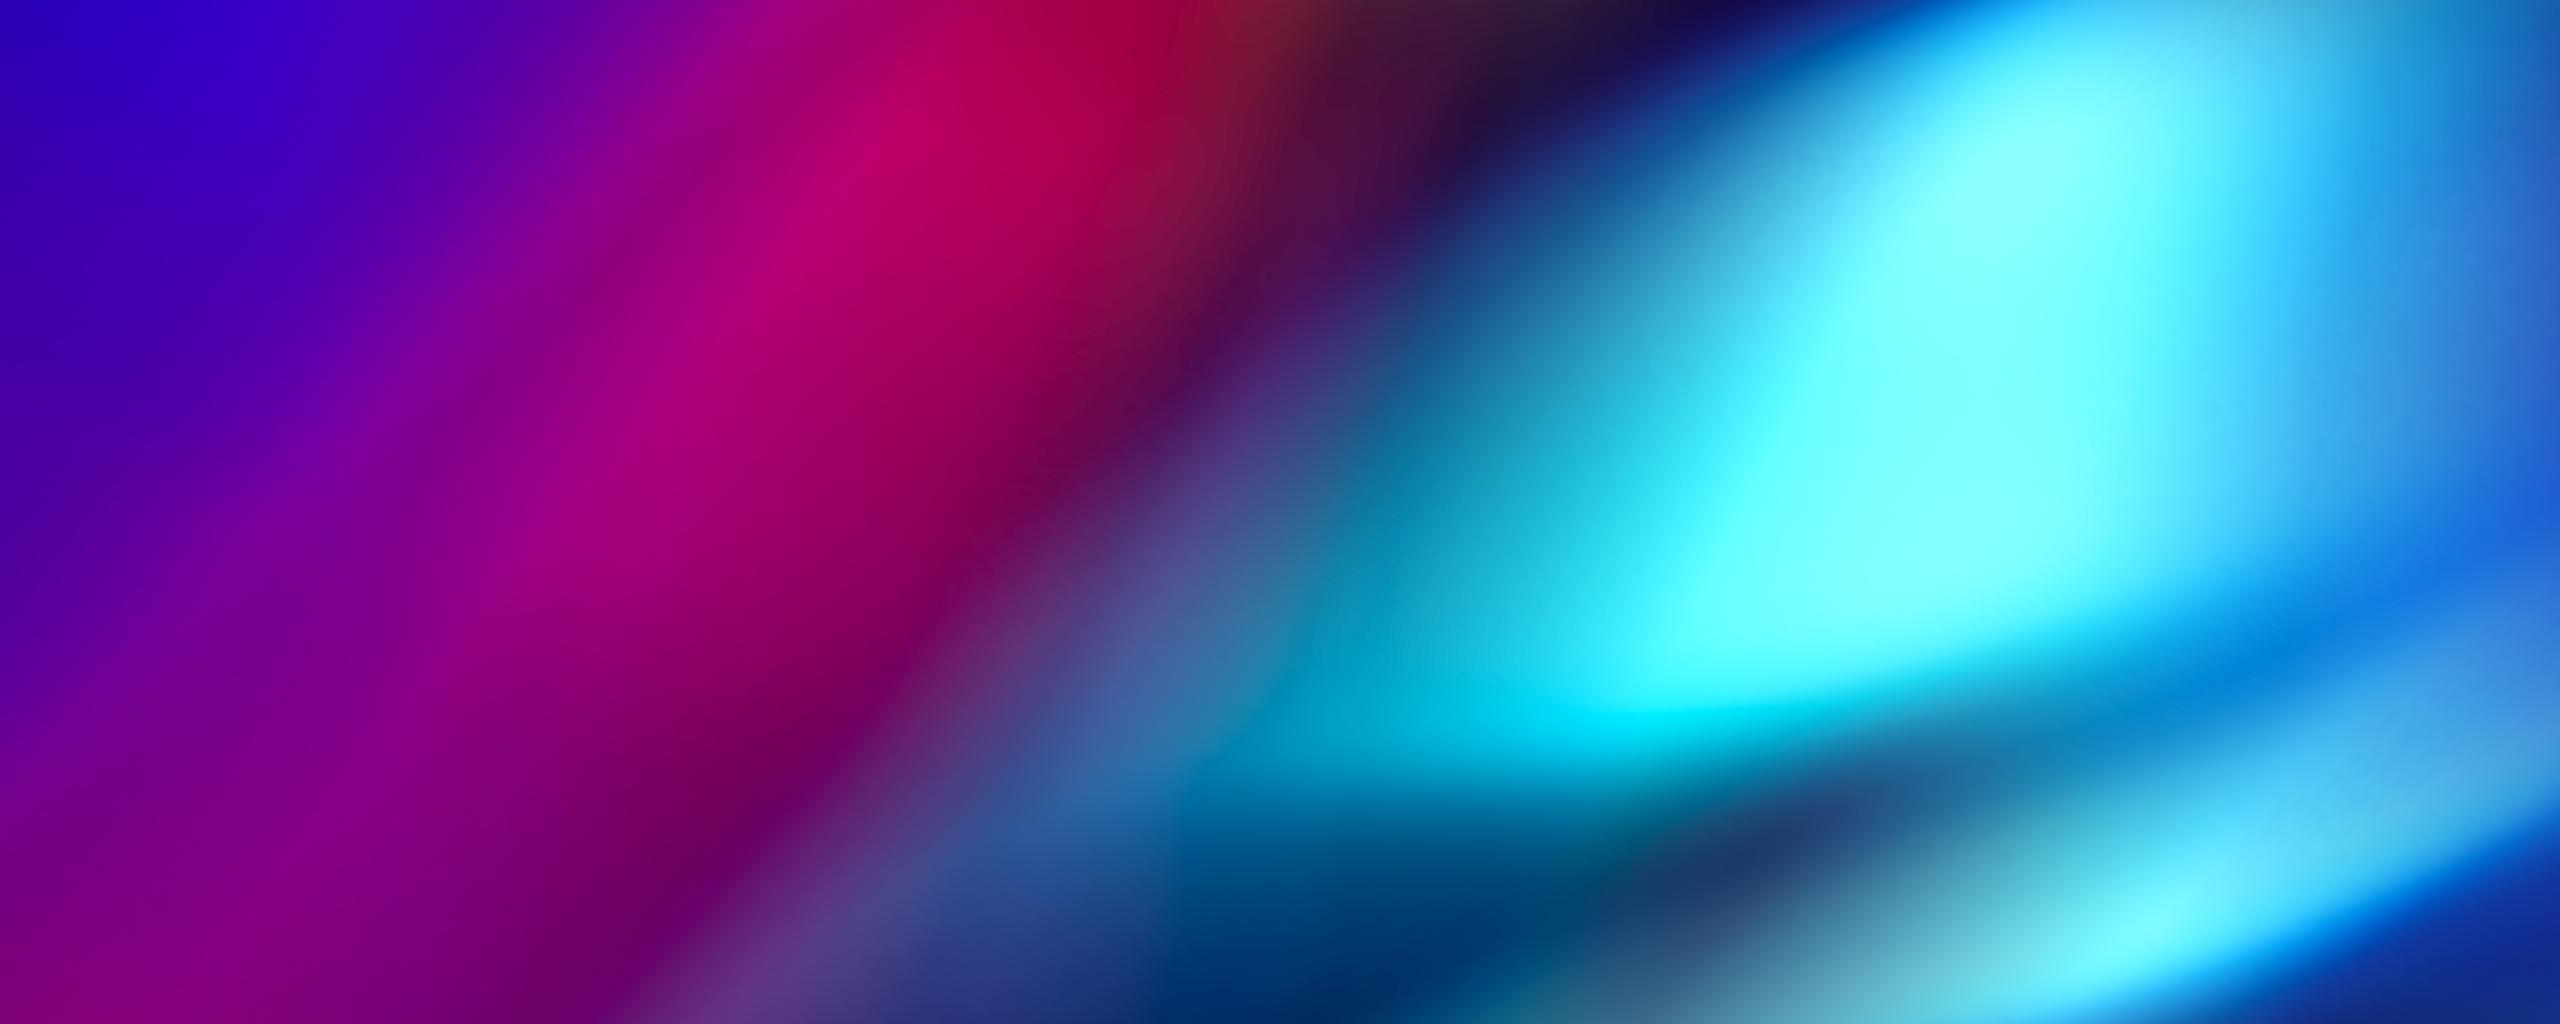 blur-abstract-8k-ck.jpg